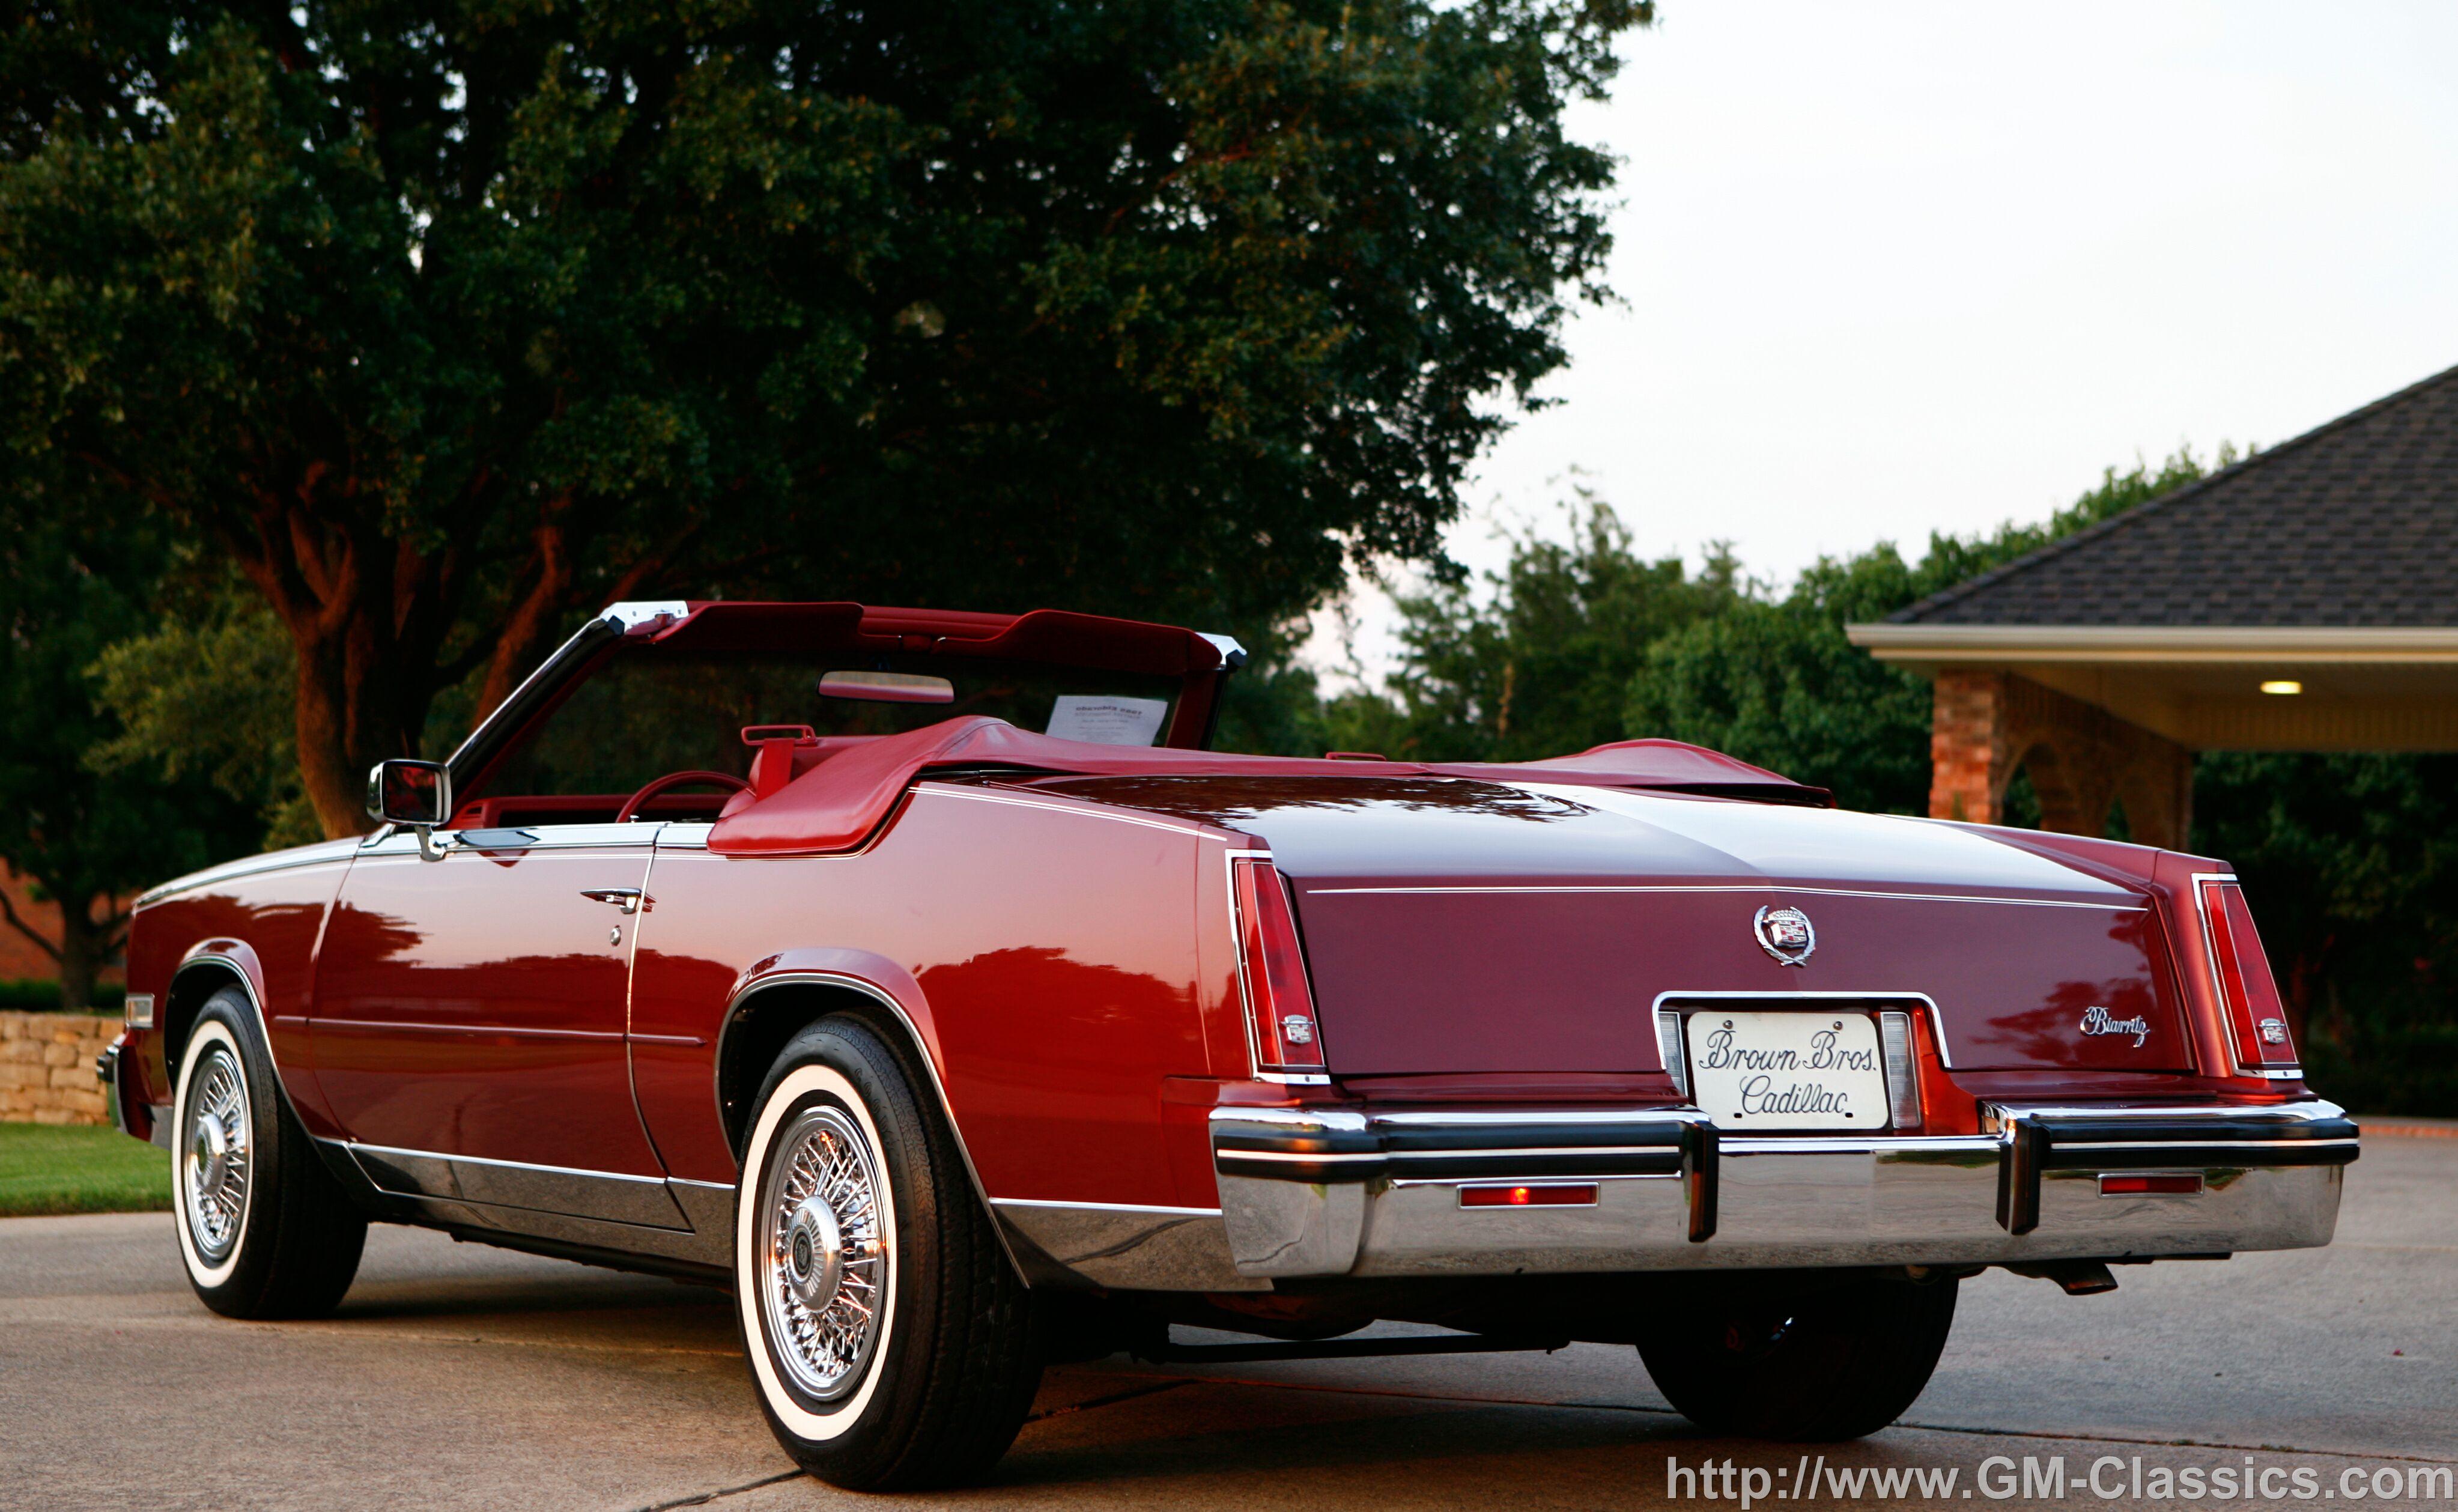 1985 Eldorado Biarritz >> 1985 Cadillac Eldorado Convertible - Matt Garrett